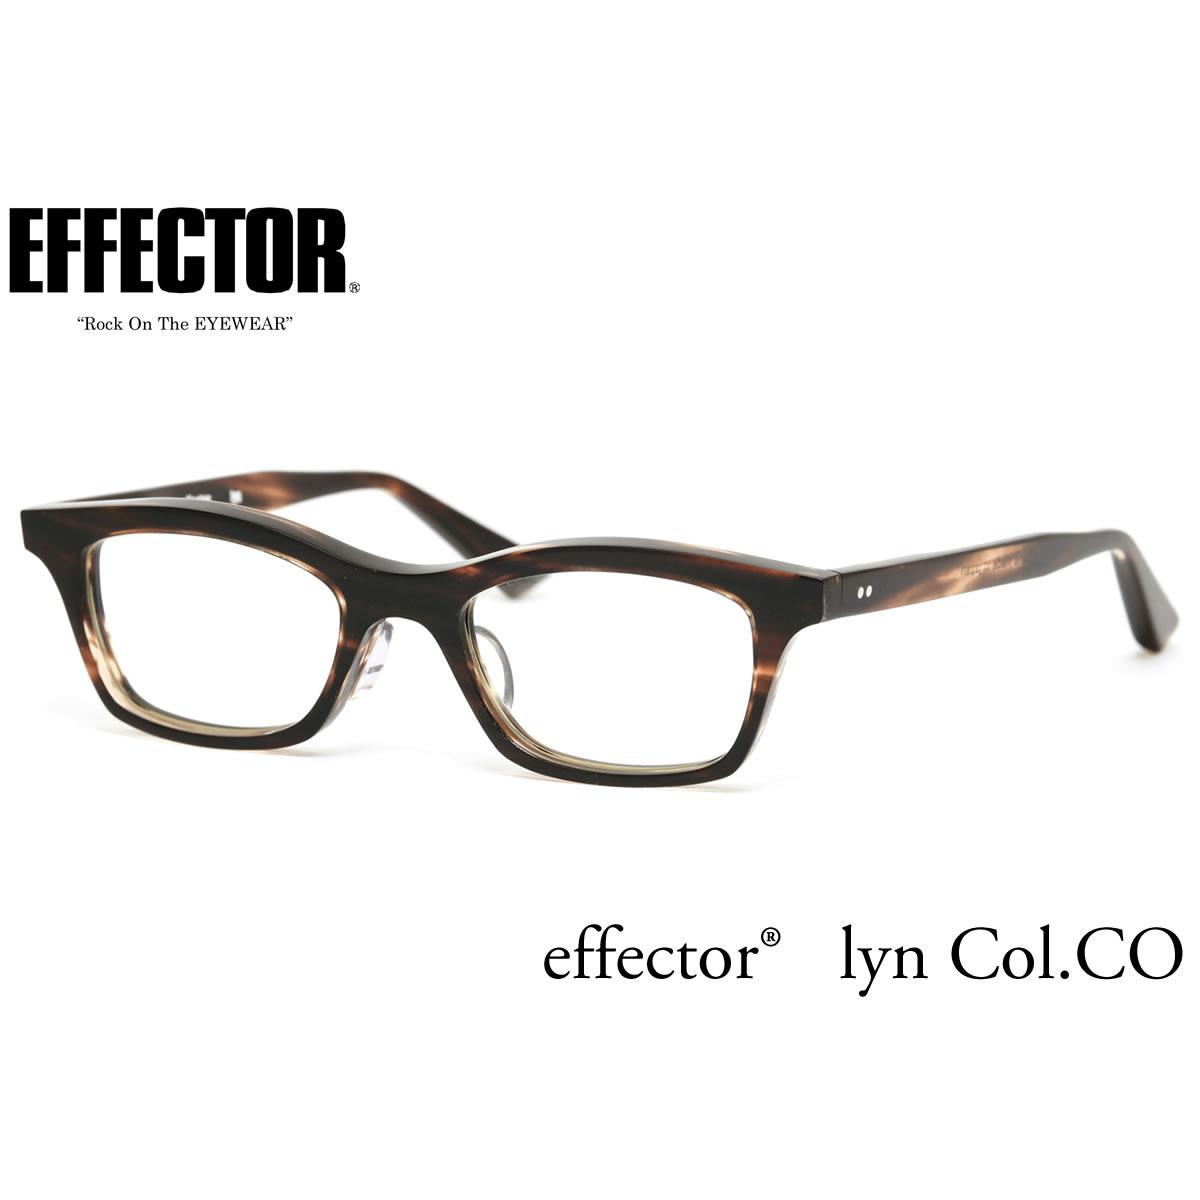 【10月30日からエントリーで全品ポイント20倍】【effector】エフェクター 眼鏡 メガネ フレーム LYN CO/S 47サイズ エフェクター effector リン UVカット仕様伊達メガネレンズ付 日本製 セルロイド レディース メンズ